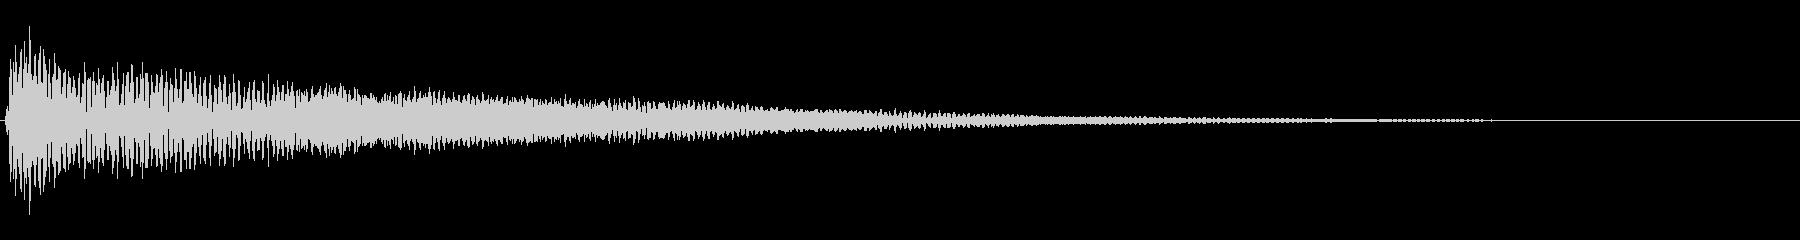 ドキュメンタリーなピアノ_エコーAの未再生の波形